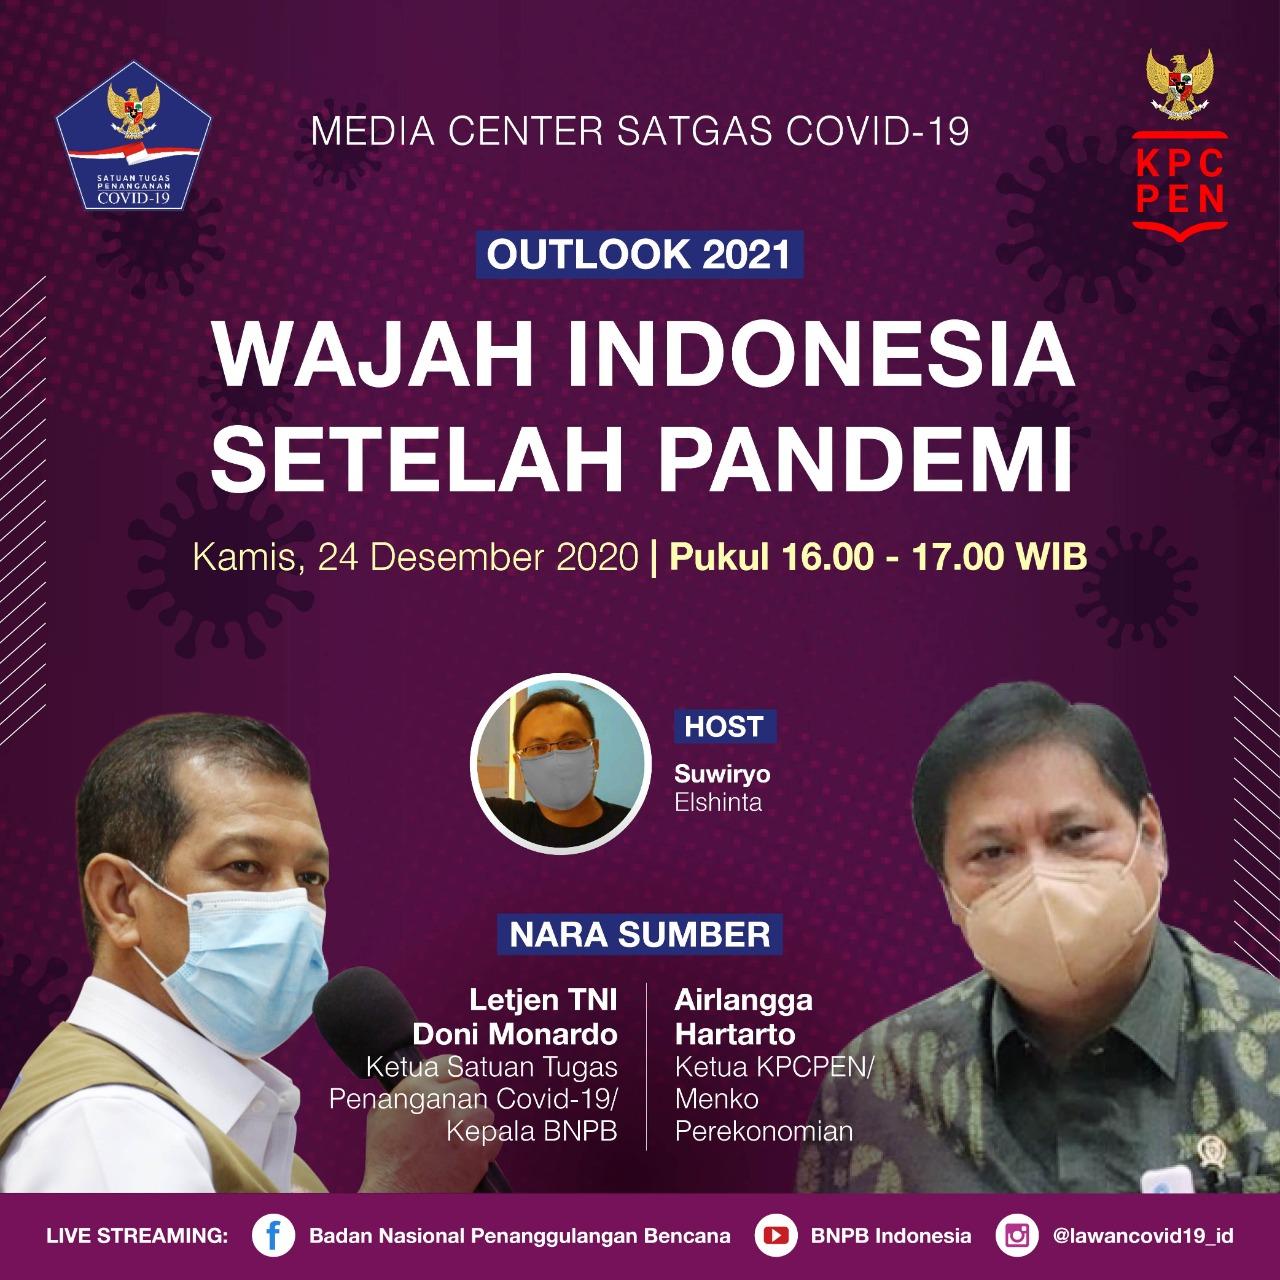 Outlook 2021:  Wajah Indonesia Setelah Pandemi